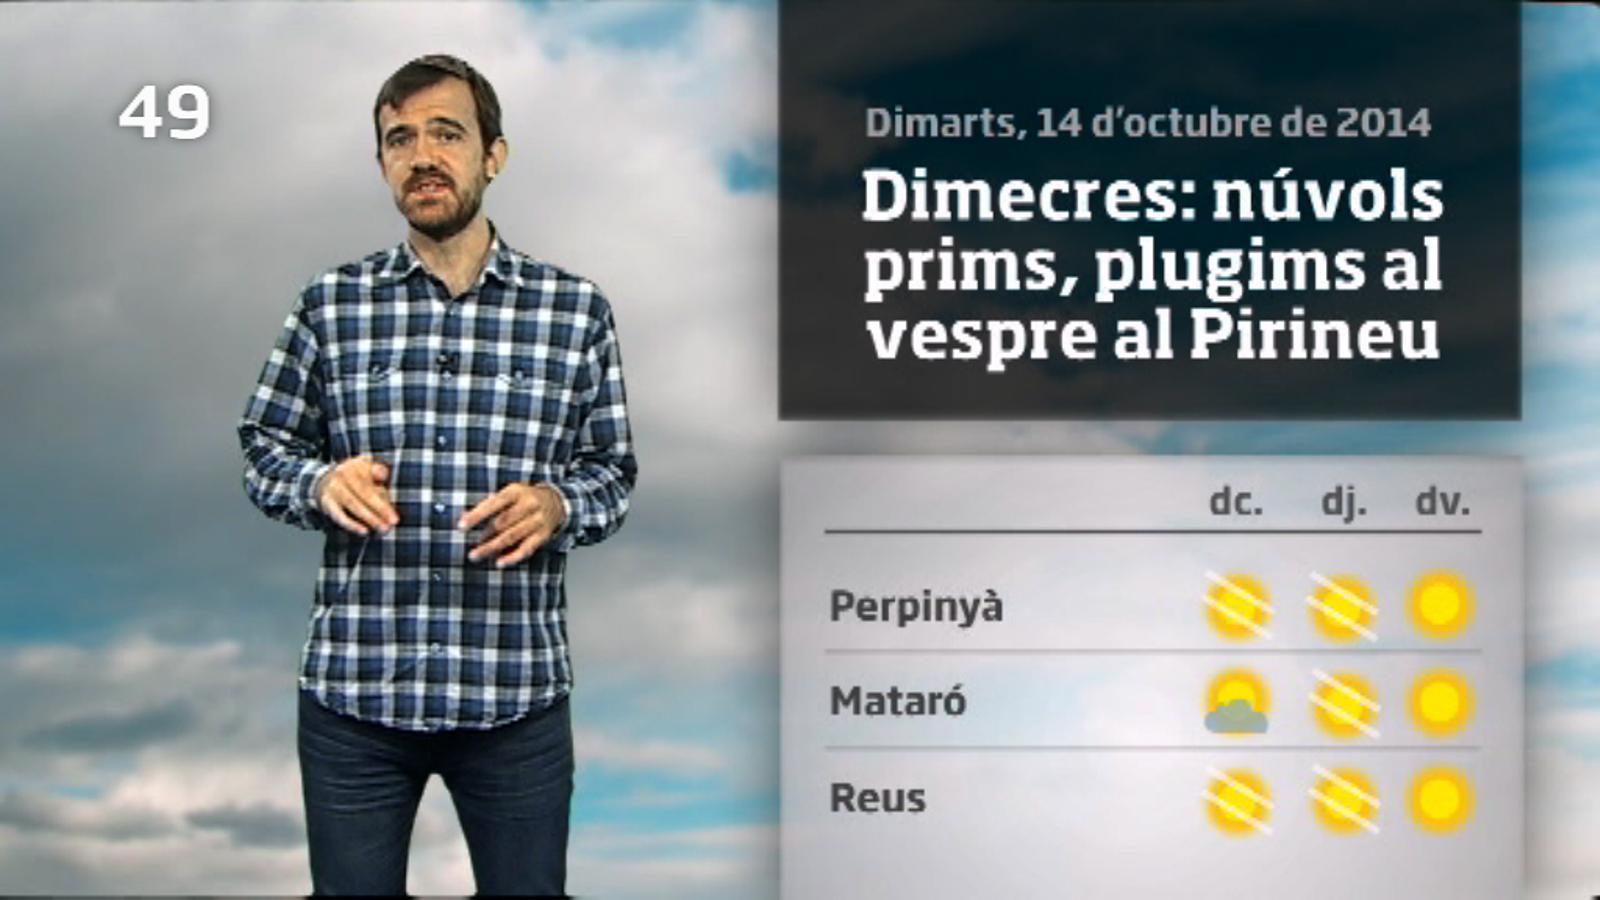 La méteo en 1 minut: més fred al matí i més clarianes (15/10/14)